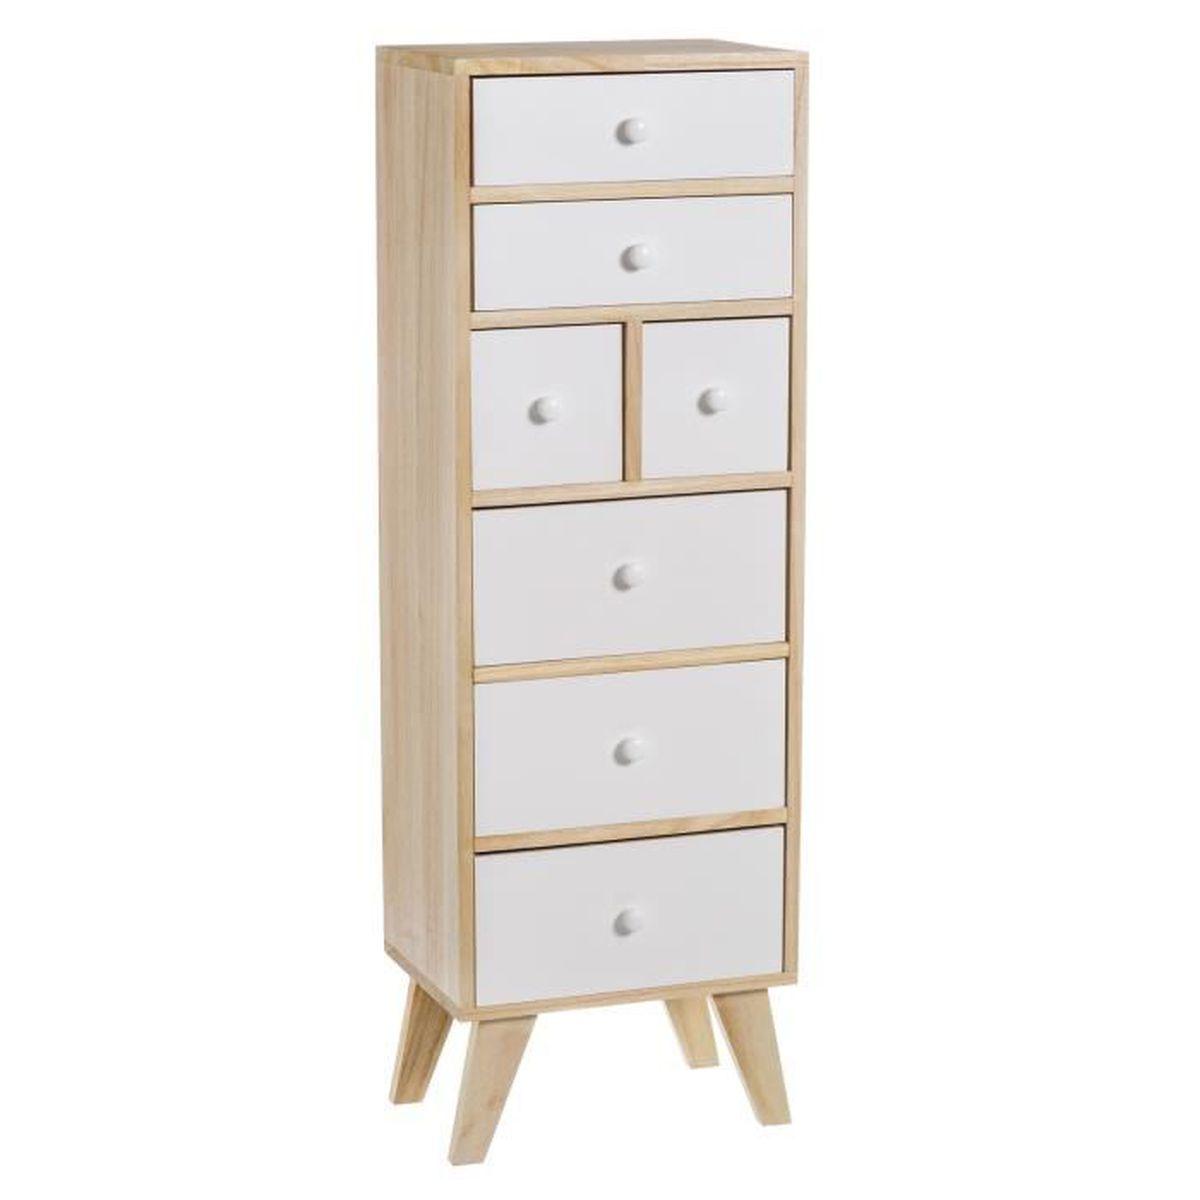 console meuble 7 tiroirs skandy collection casaseleccion